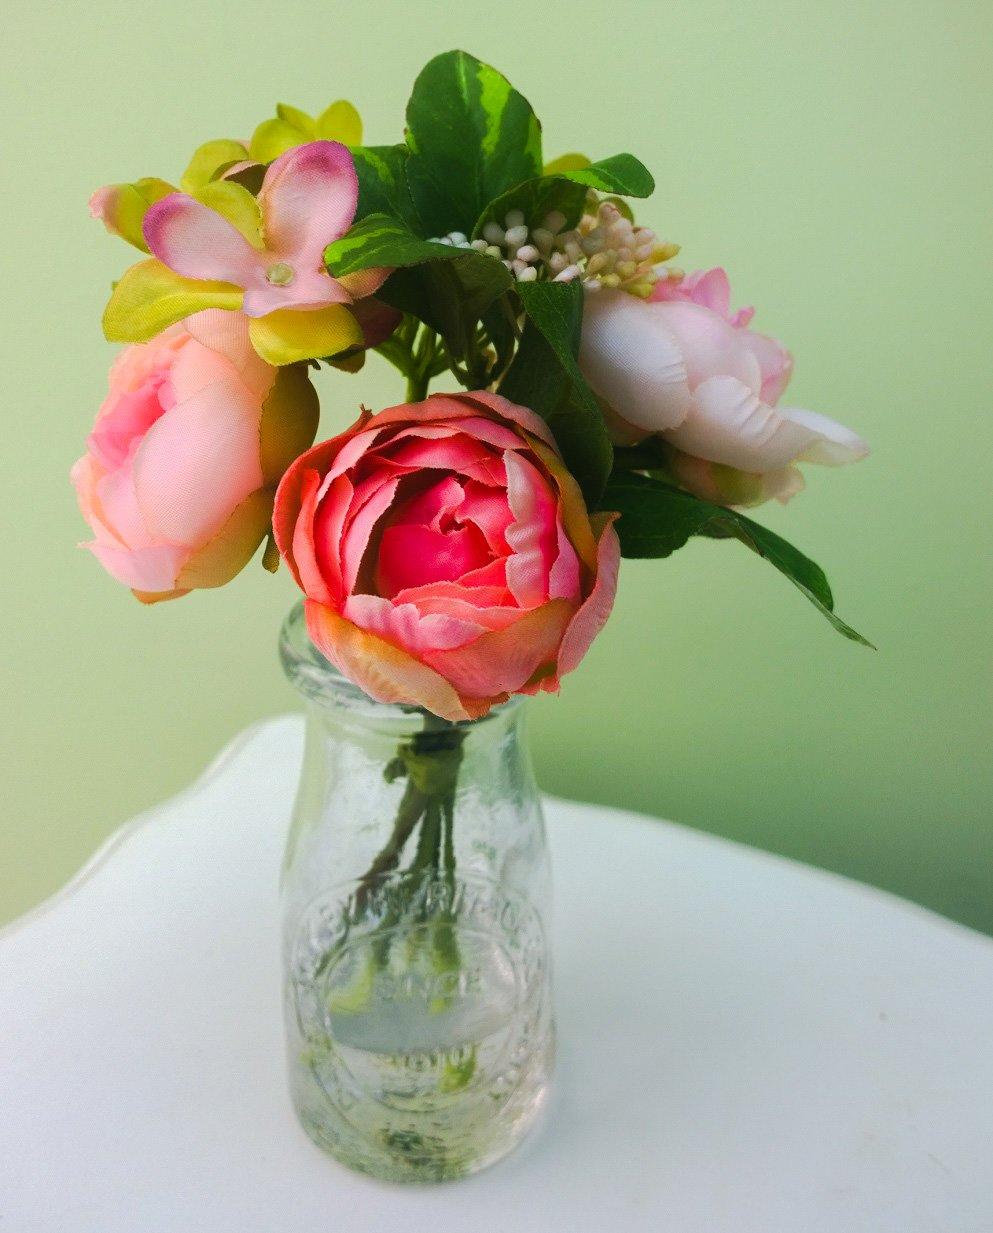 Pálido rosa rosa peonía flores artificiales en estilo vintage en relieve botella de leche 22 cm: Amazon.es: Hogar